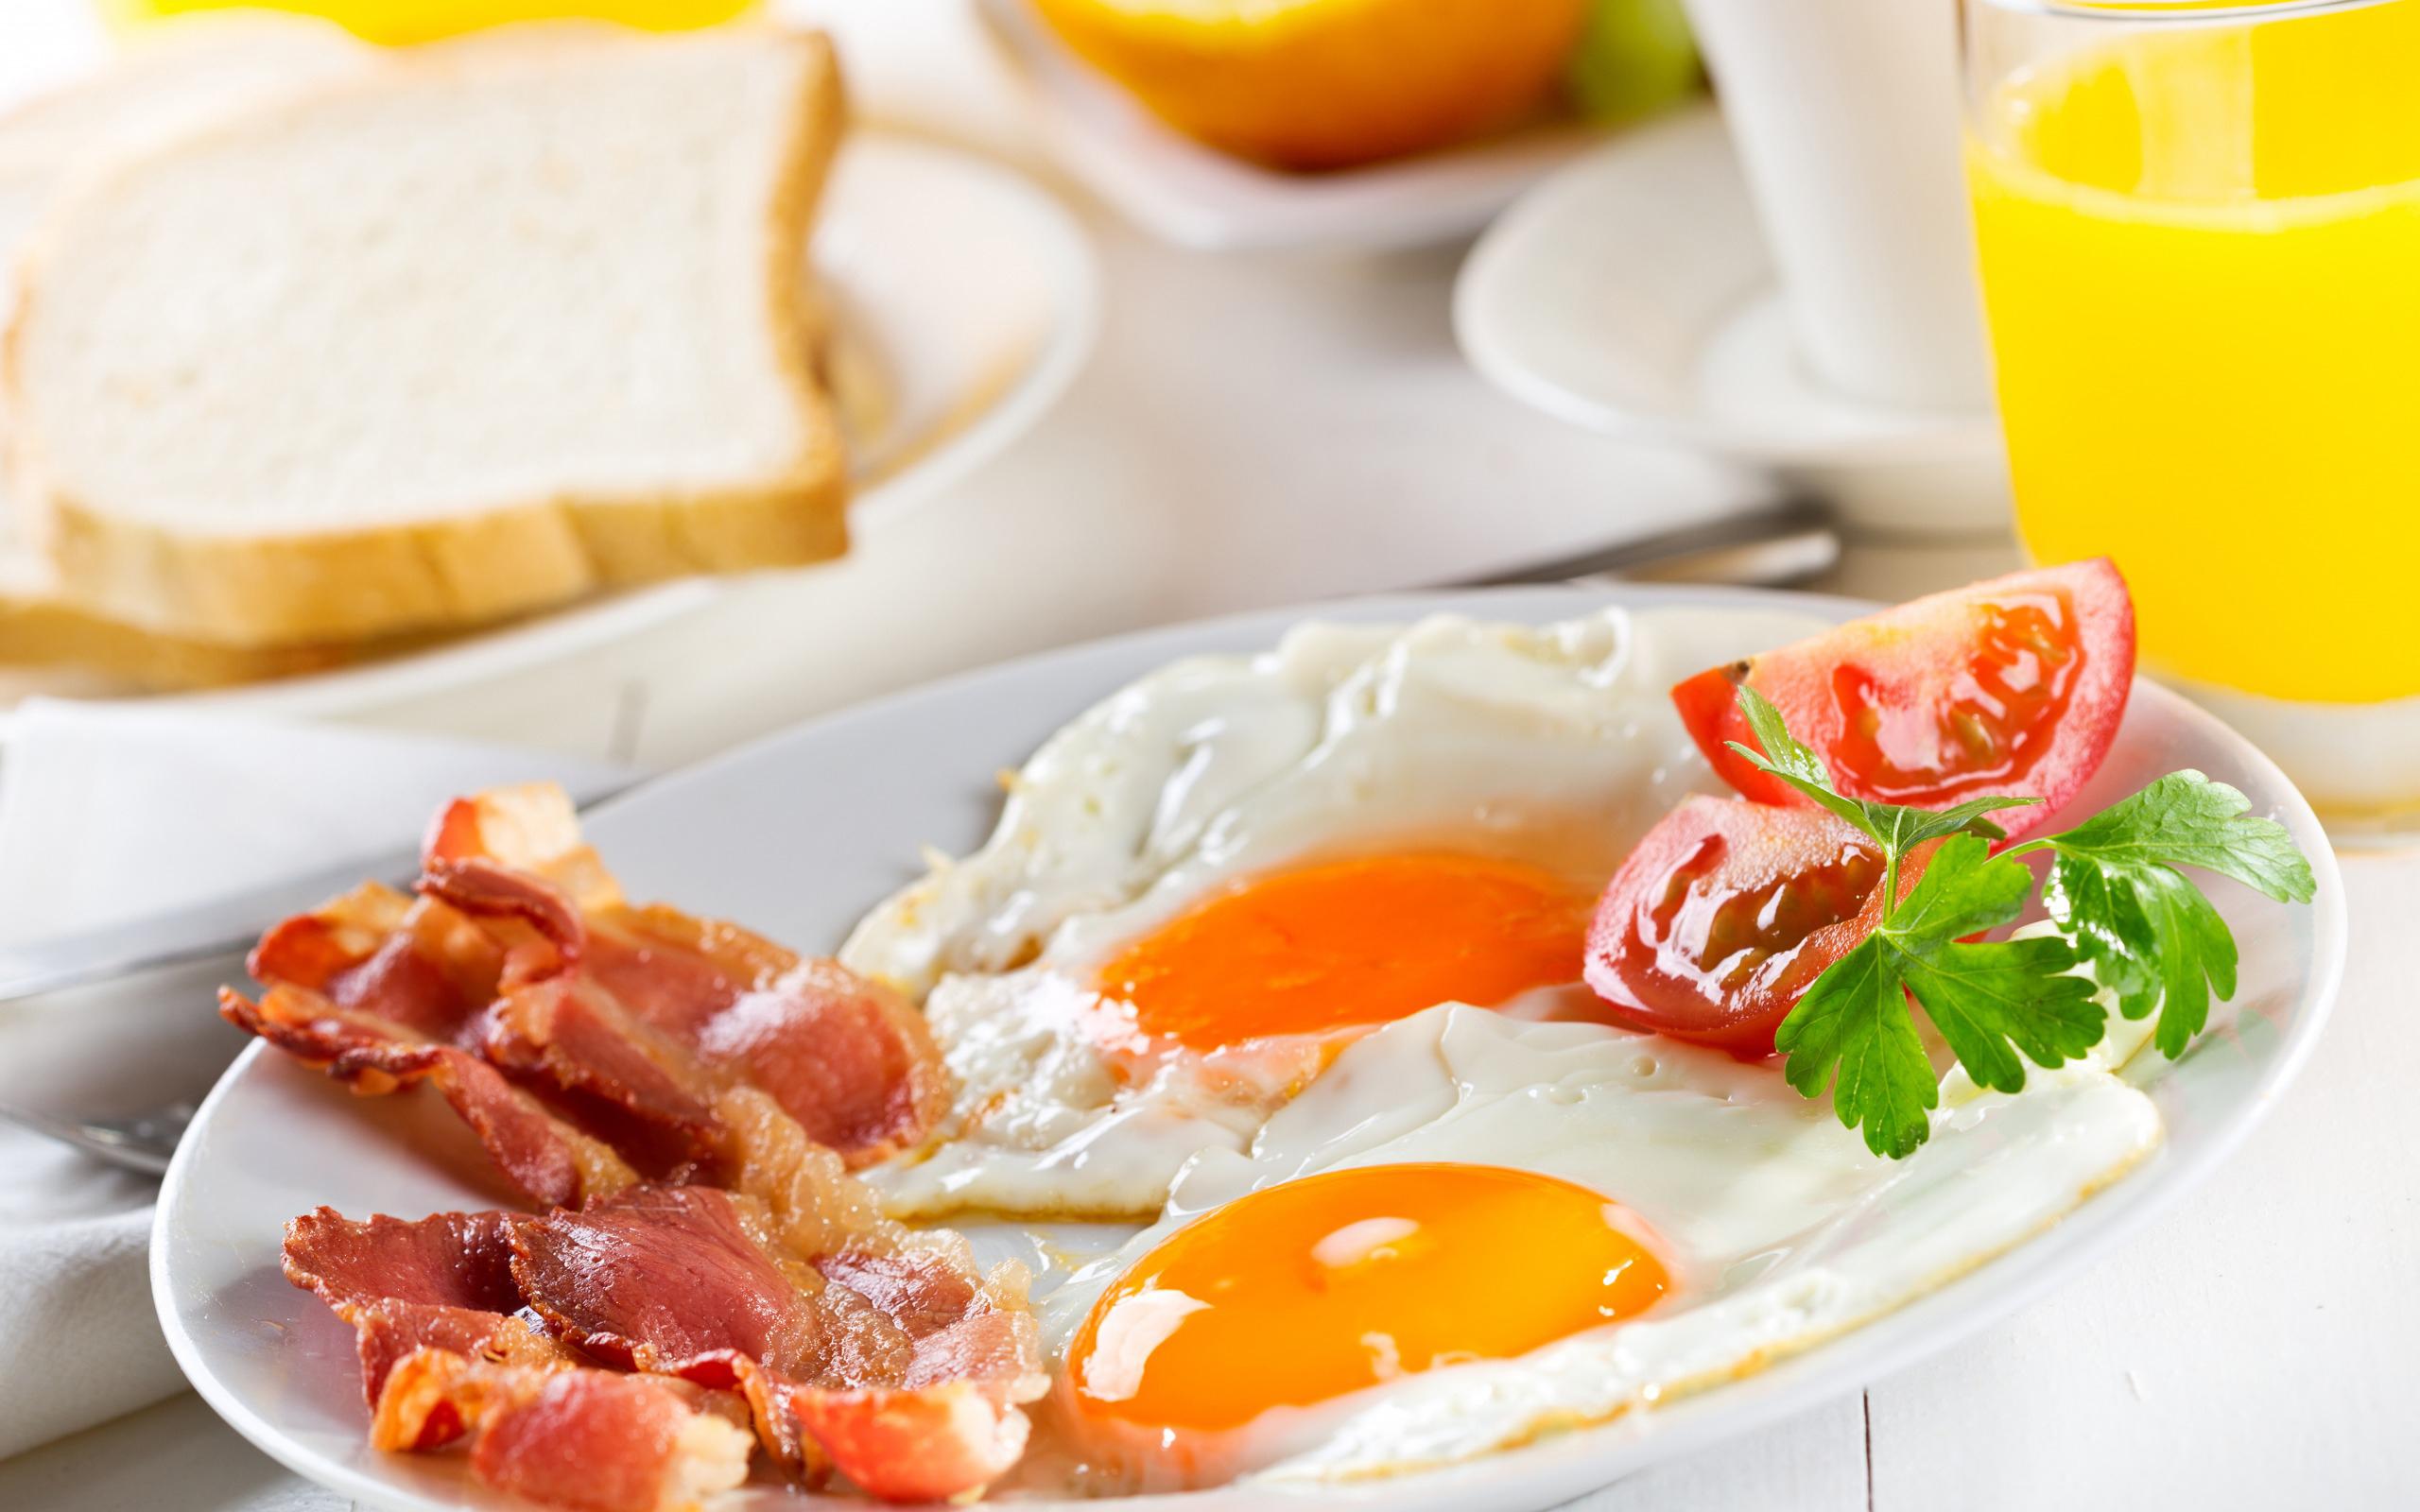 چند عدد تخم مرغ در روز می خورید؟